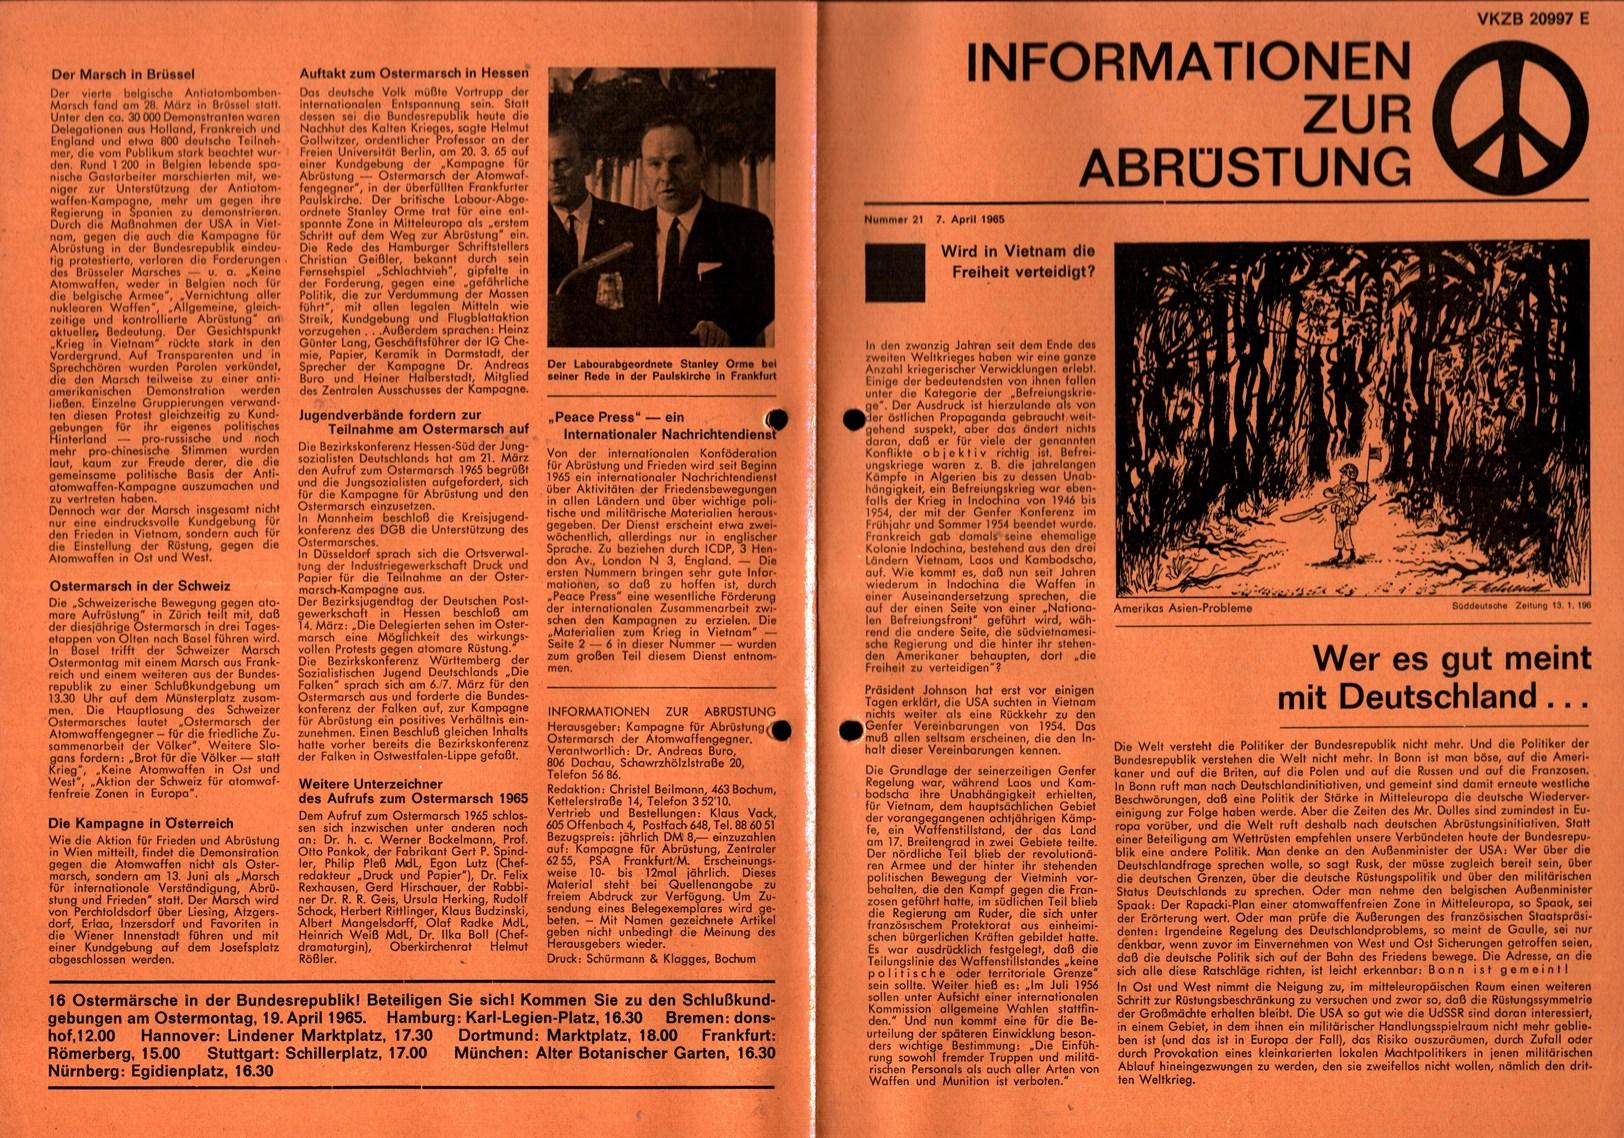 Infos_zur_Abruestung_1965_021_001